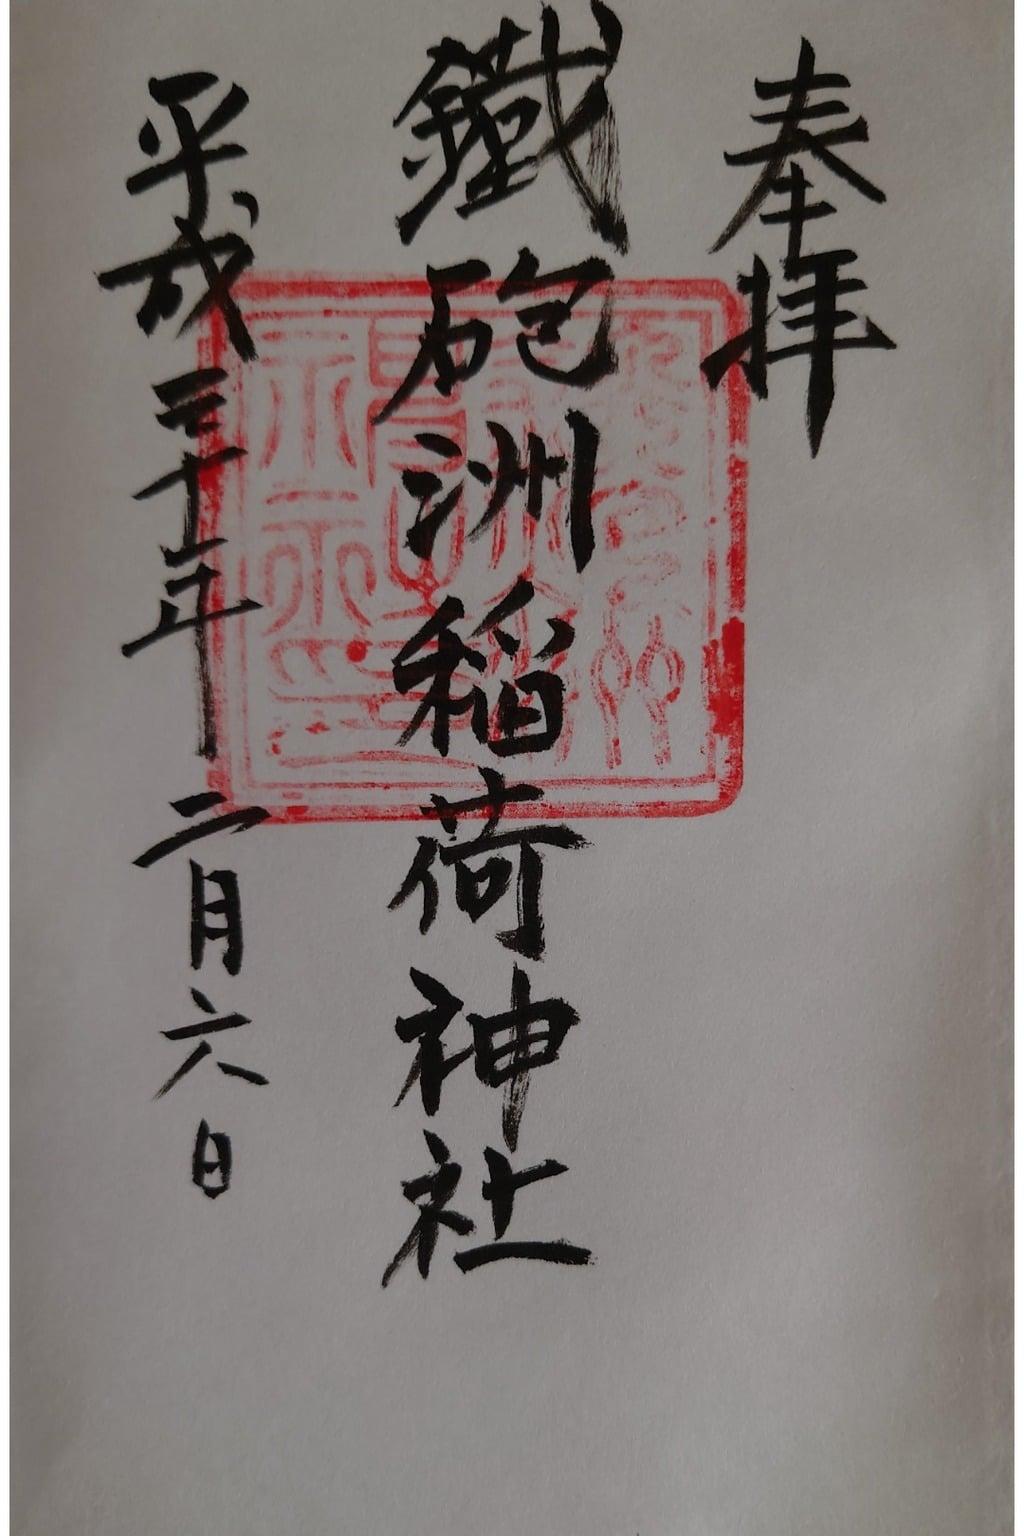 鐵砲洲稲荷神社の御朱印